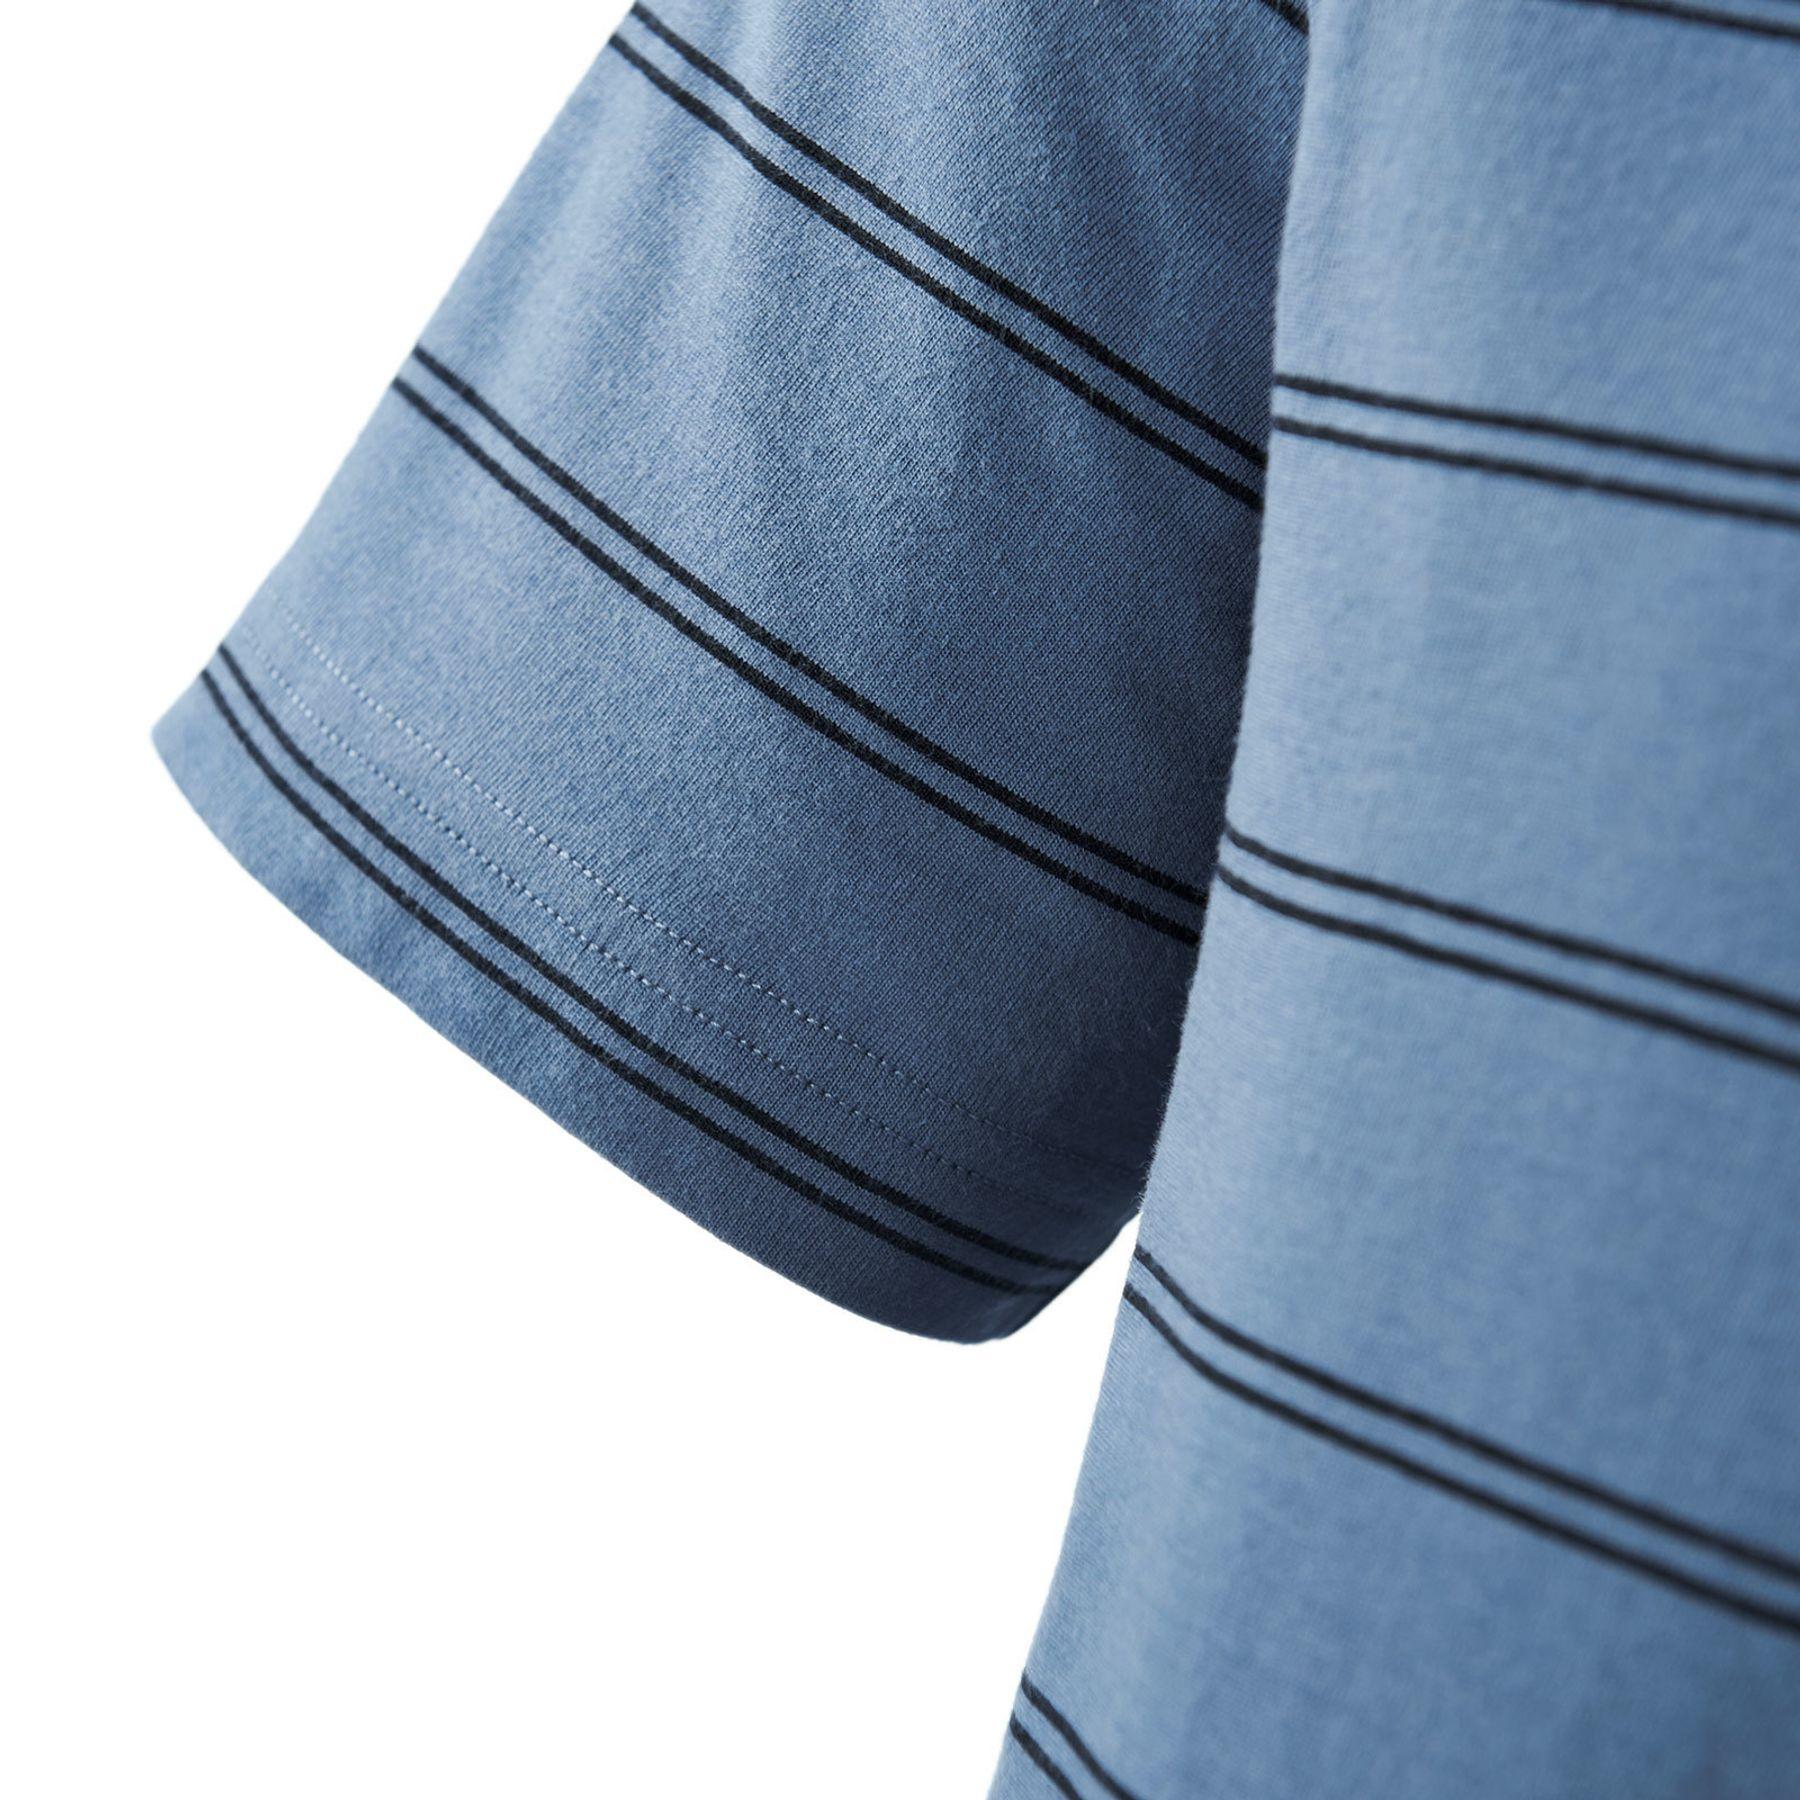 Joy - Herren Sport und Freizeit Shirt mit Rundhalsausschnitt, Wesley (40238A) – Bild 11